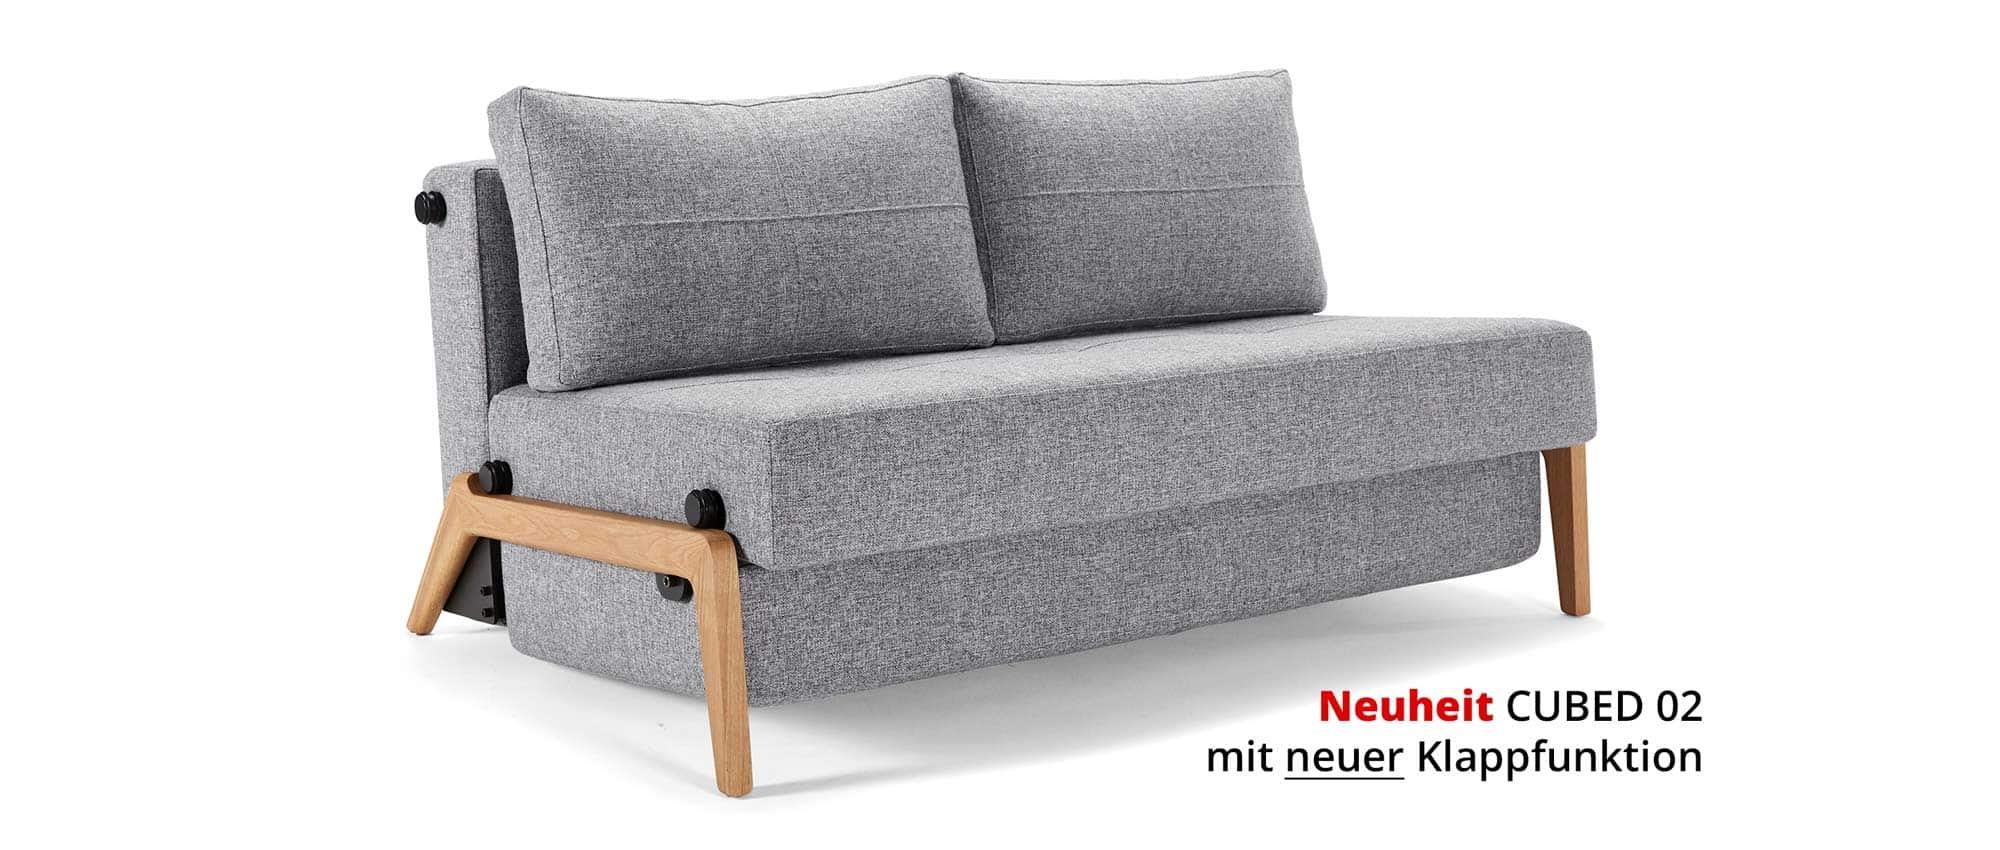 cubed 02 schlafsofa 140 von innovation. Black Bedroom Furniture Sets. Home Design Ideas